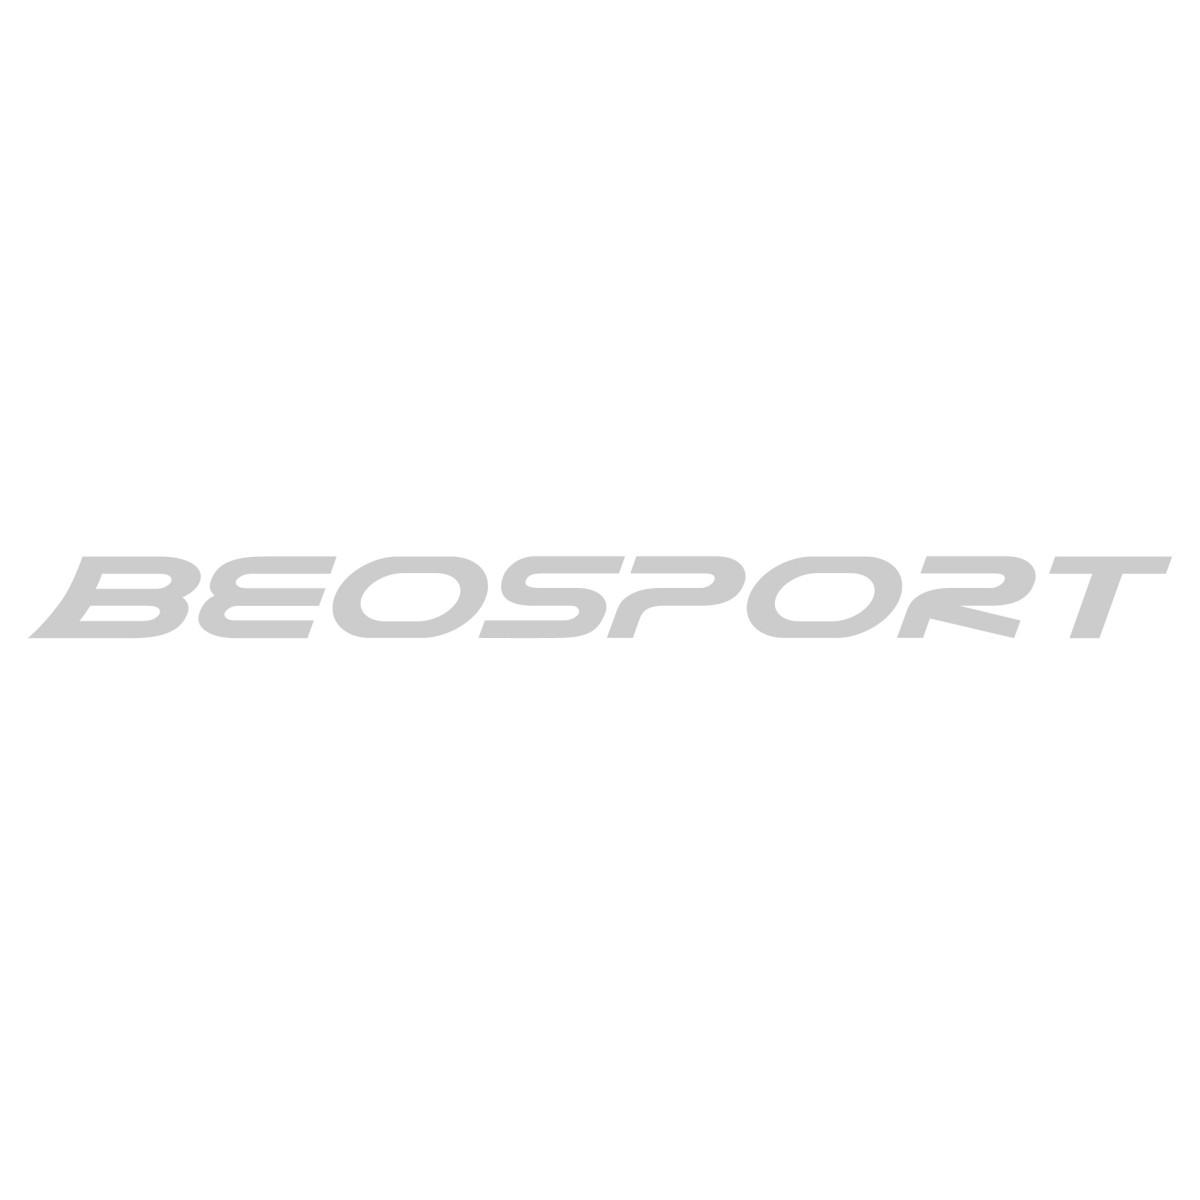 Pepe Jeans Slider Translucent 0.2 papuče